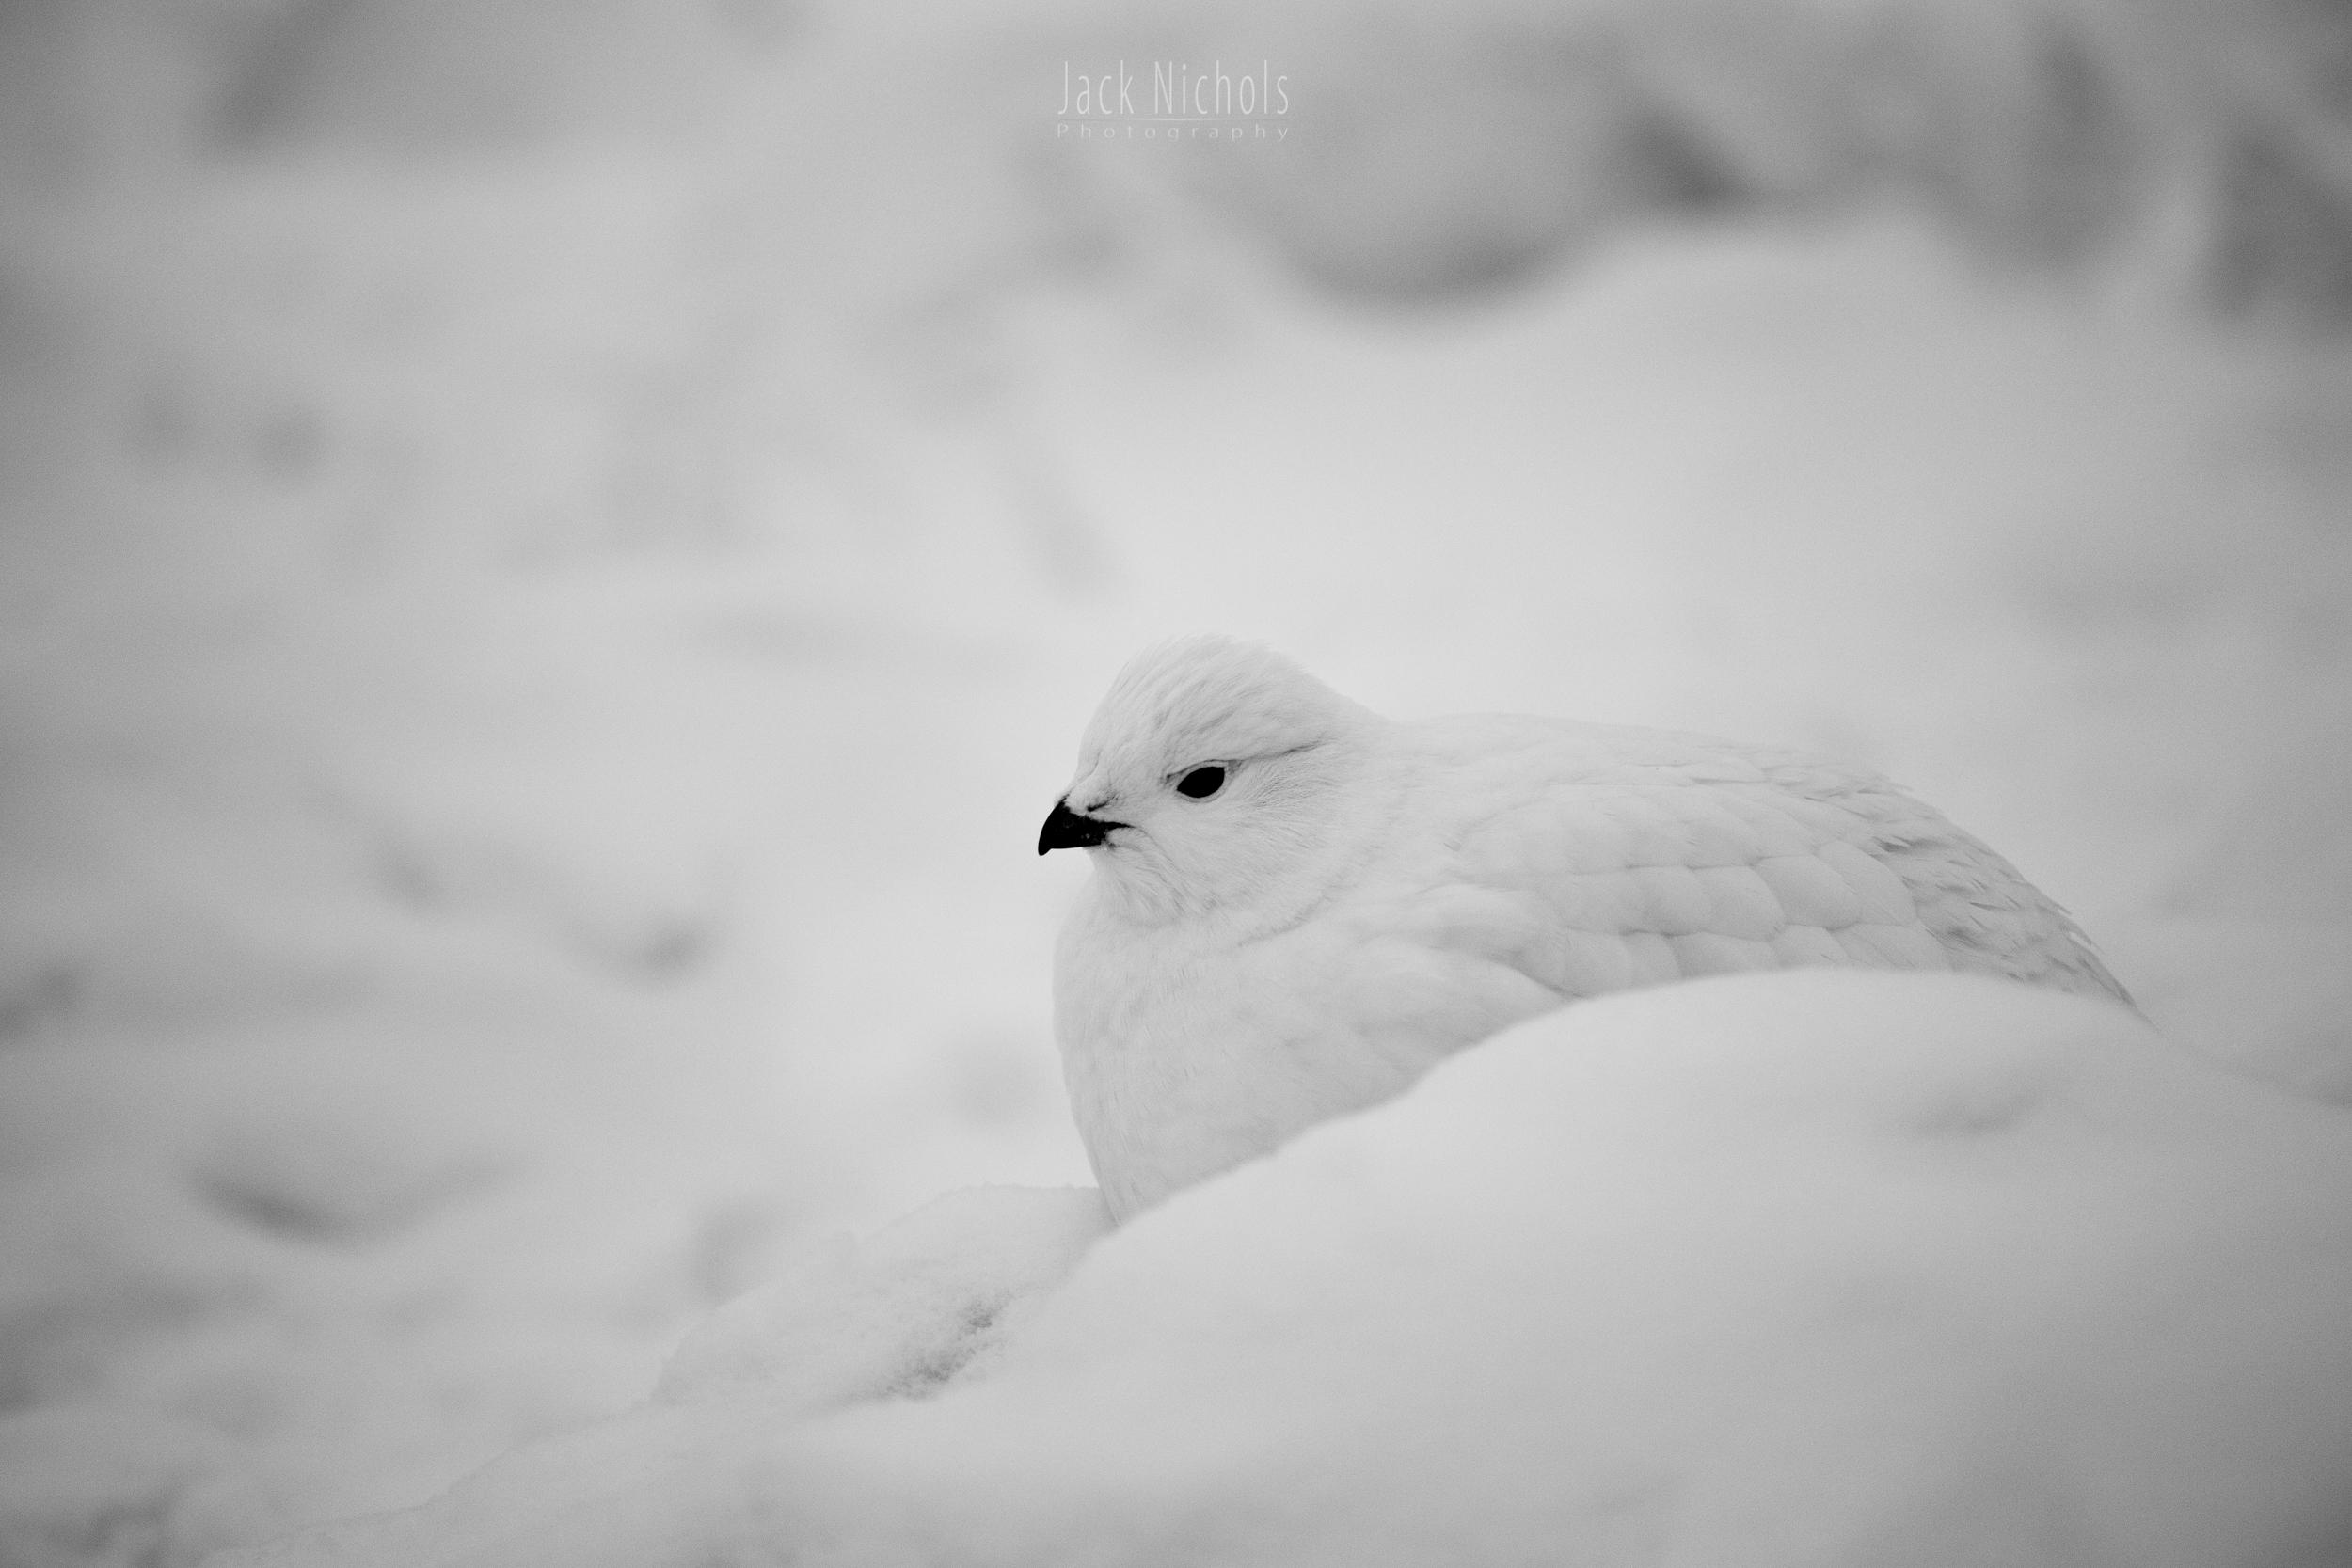 Ptarmigan in a Snowstorm